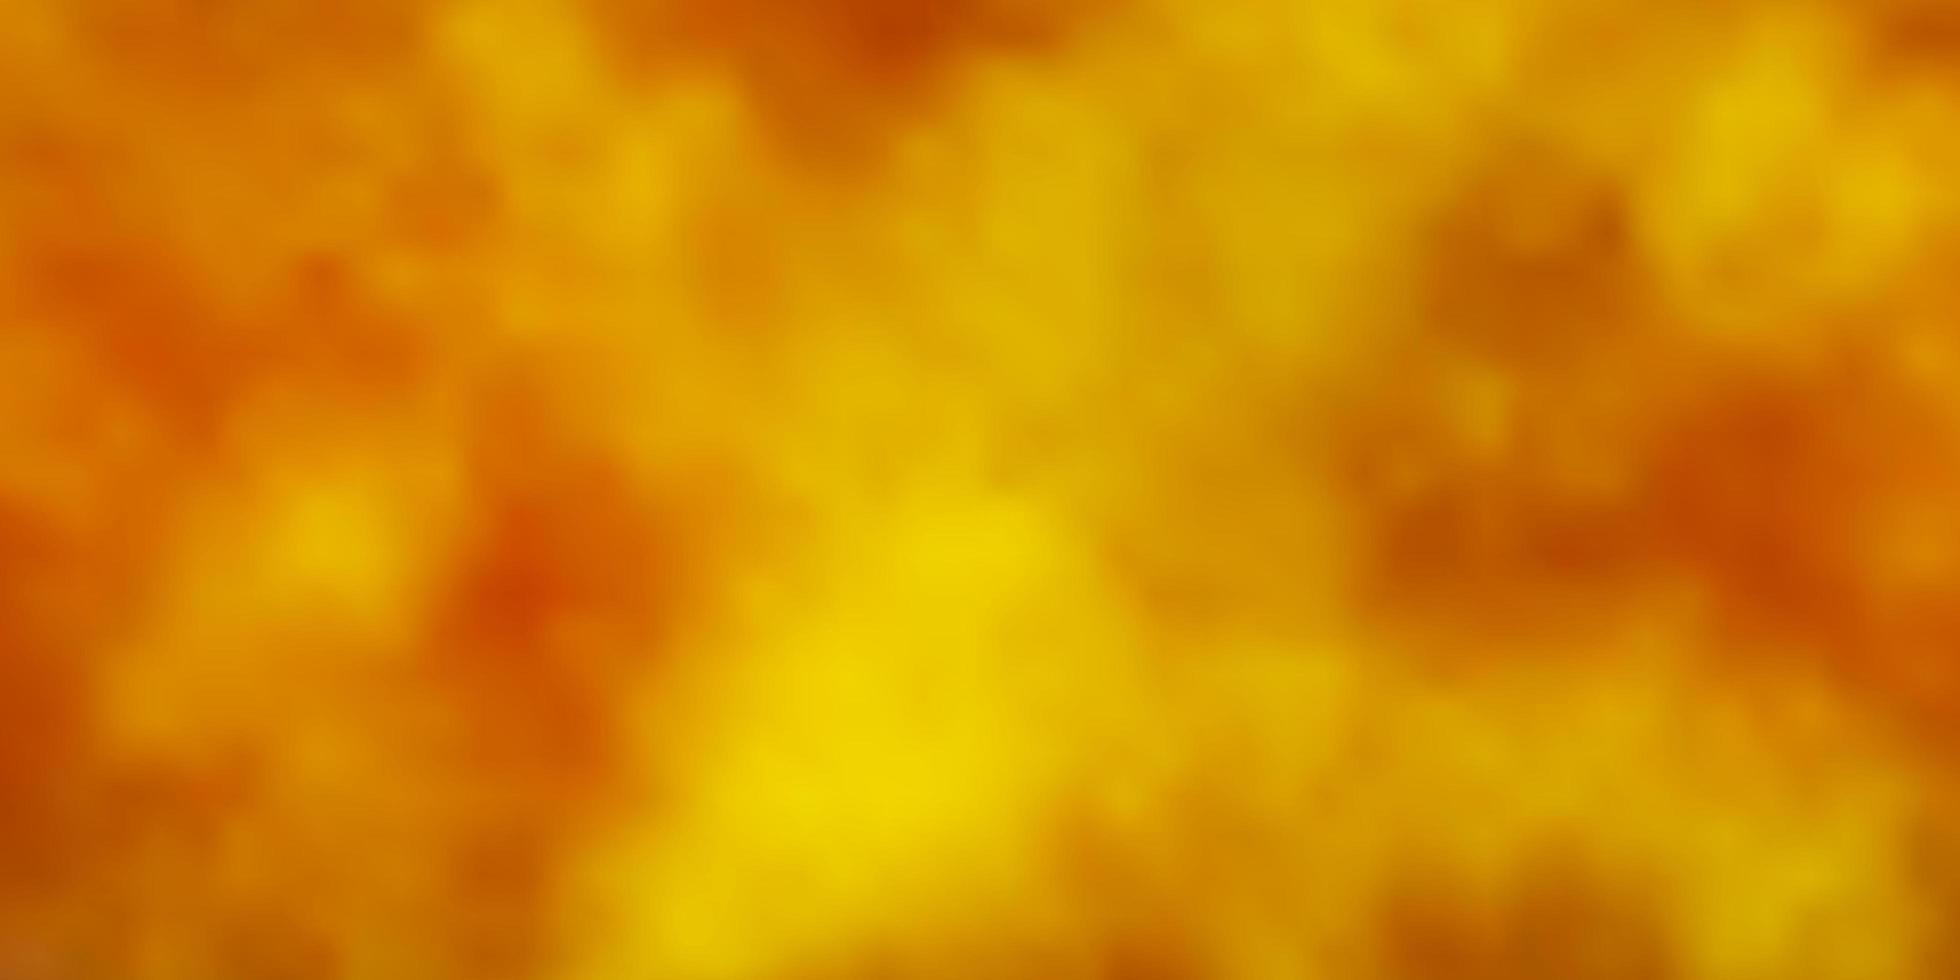 donker gele achtergrond met wolken. vector